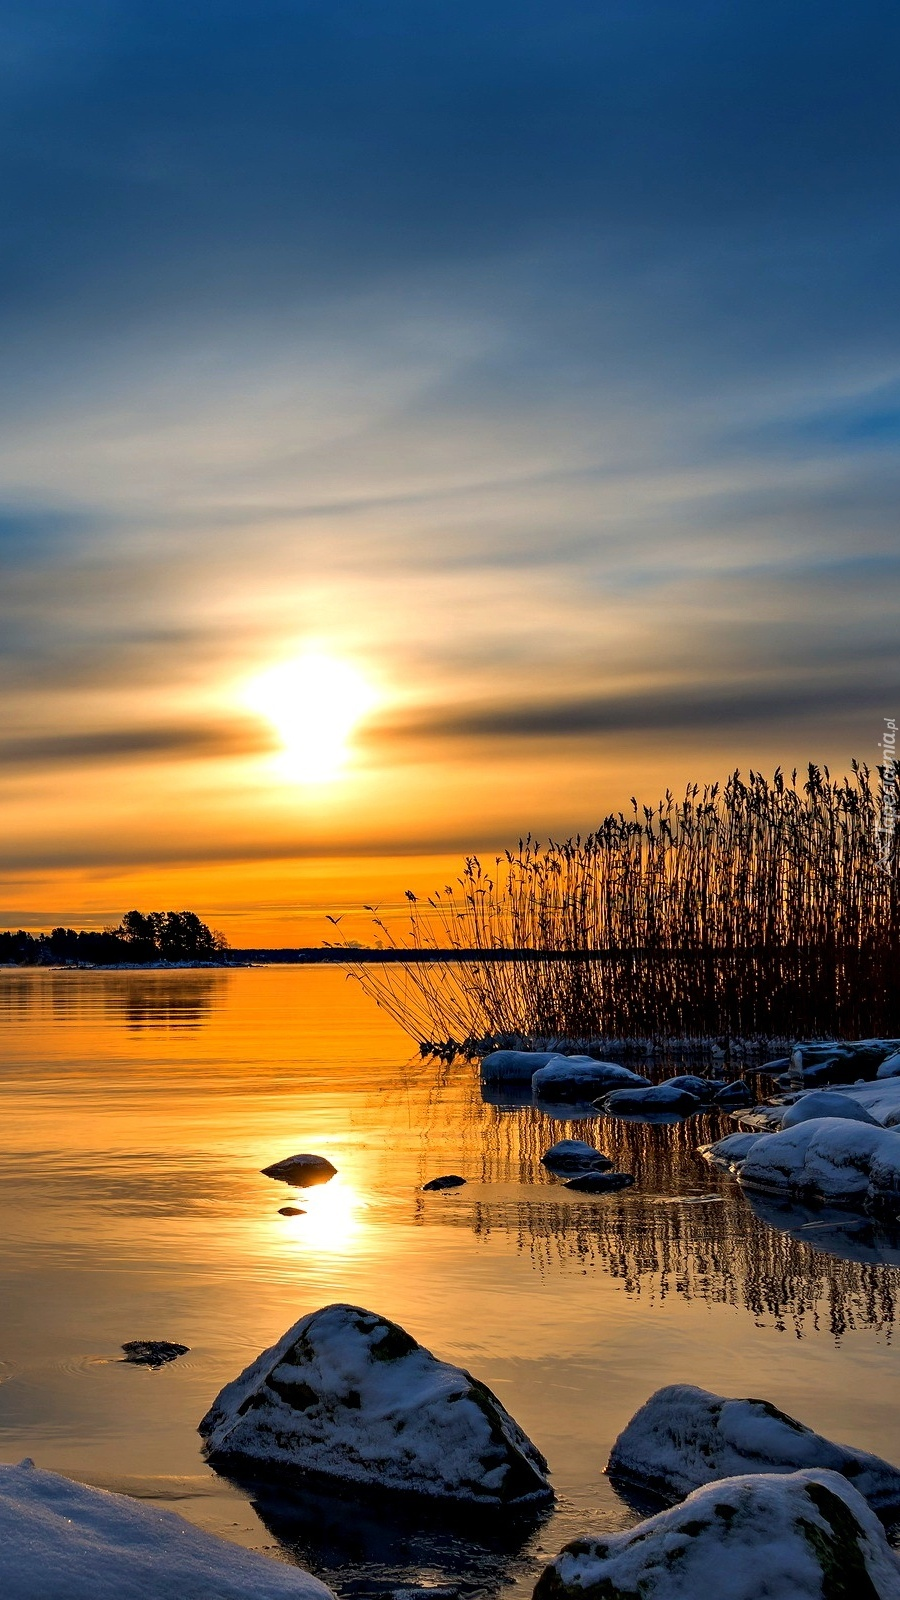 Malowniczy zachód słońca na jeziorem